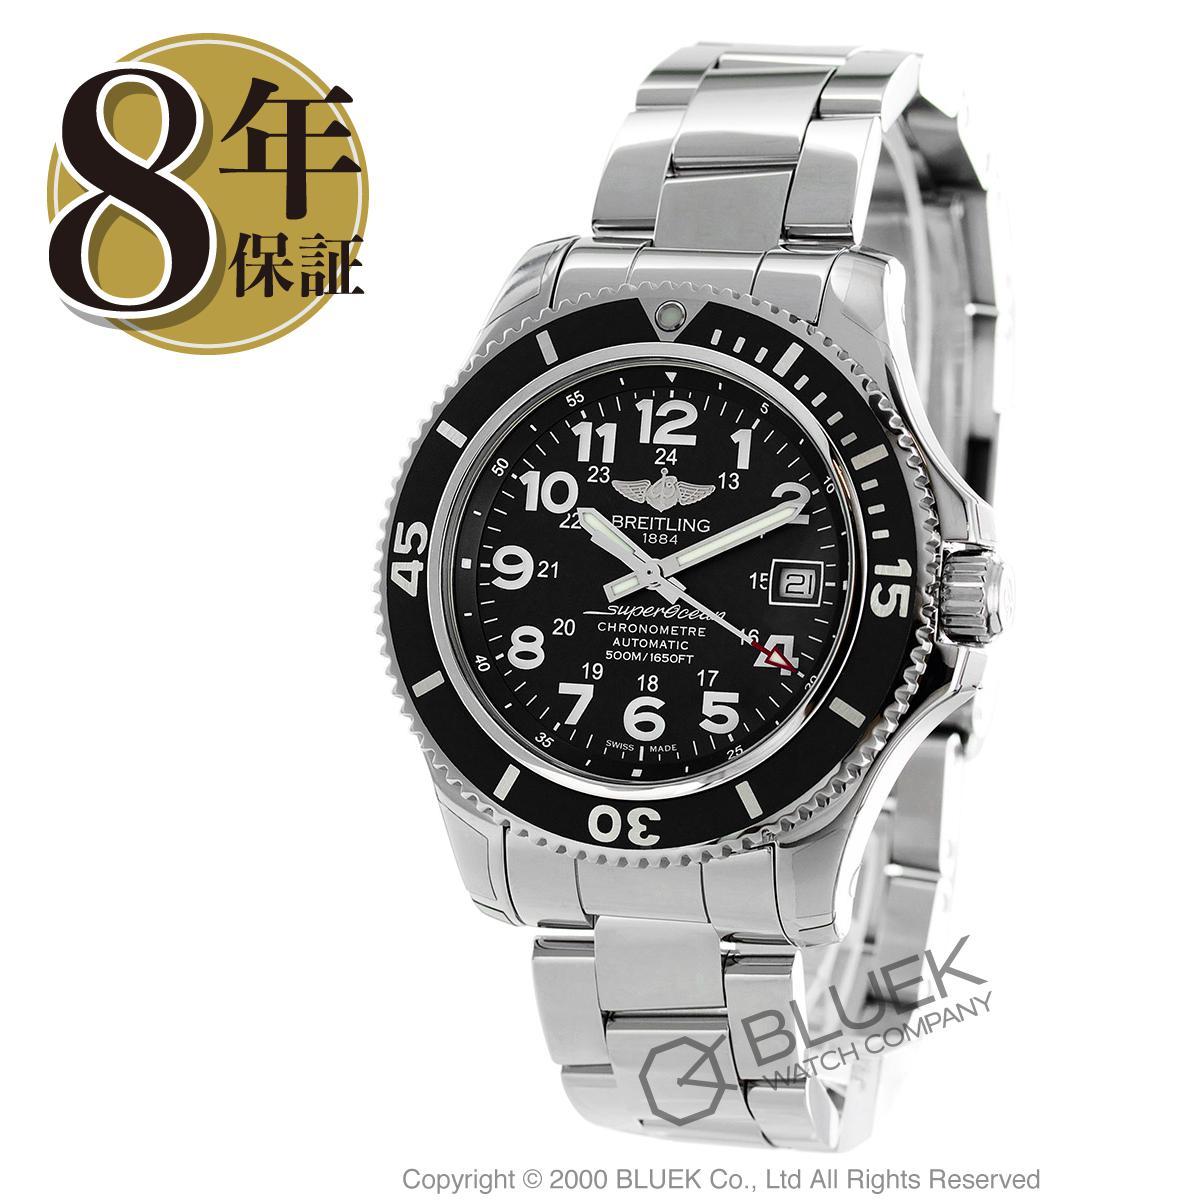 ブライトリング スーパーオーシャンII 42 500m防水 腕時計 メンズ BREITLING A182B67PSS_8